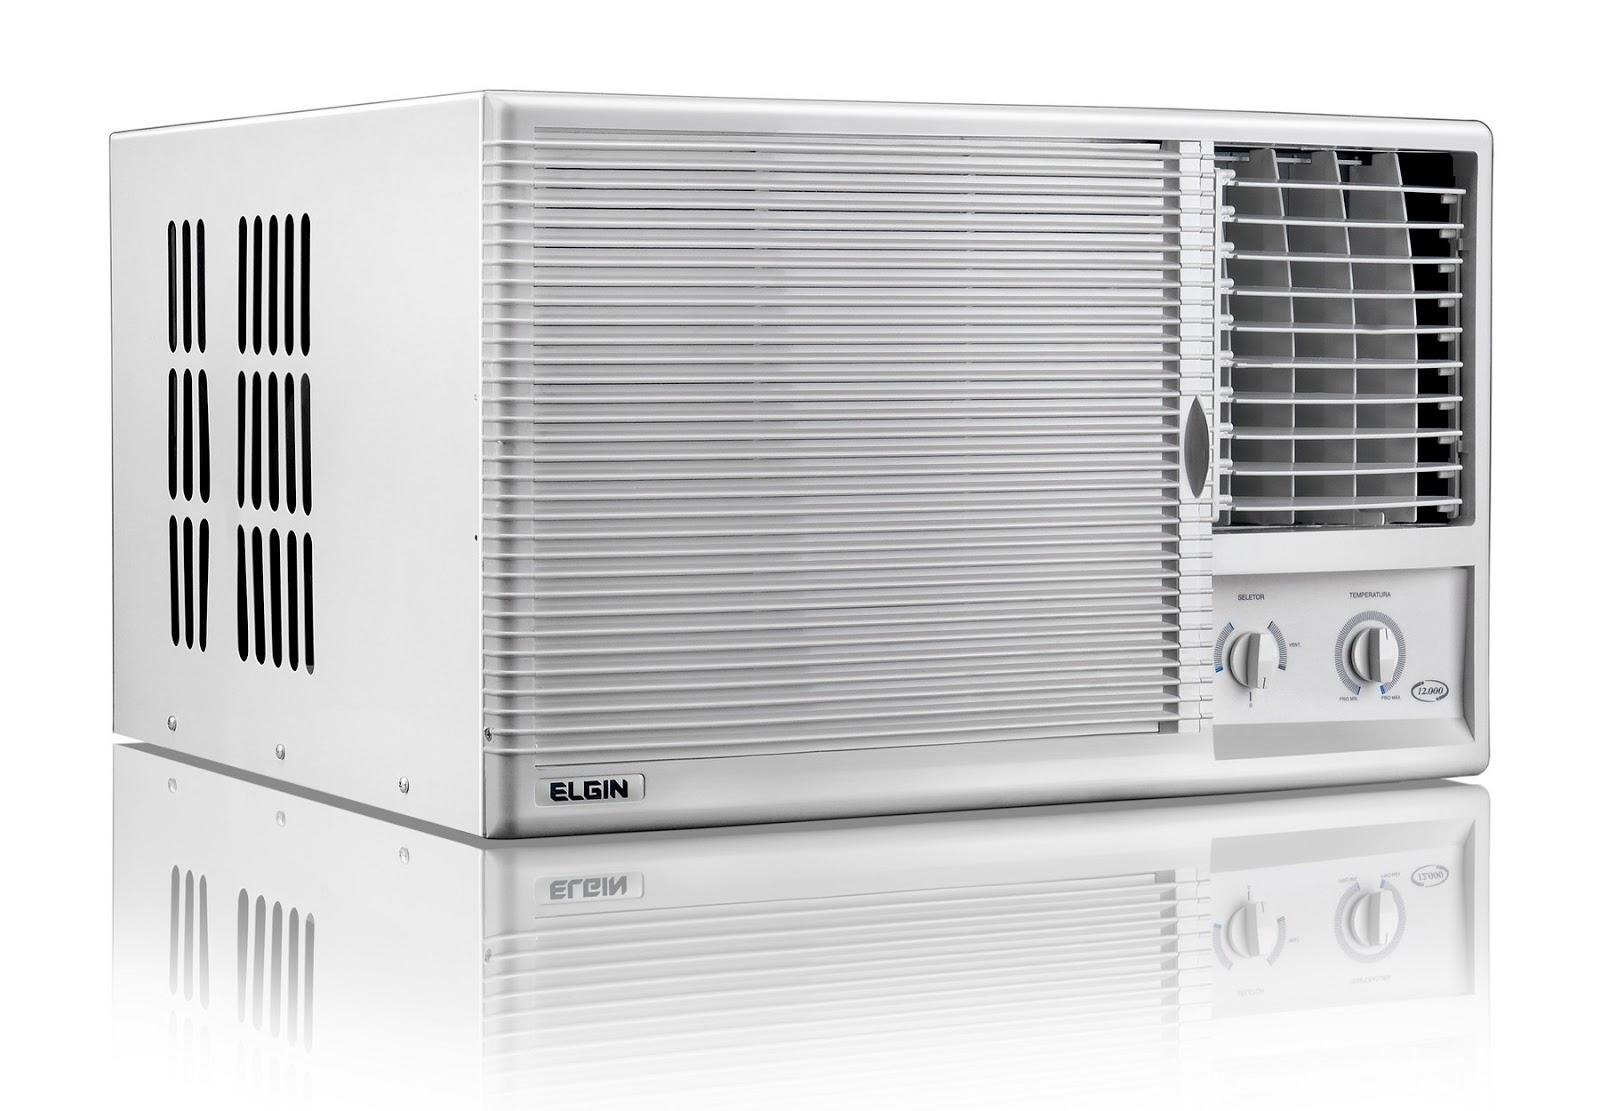 #626569  dicas para escolher um ar condicionador ~ Blog STR Ar Condicionado 1456 Suporte Ar Condicionado Janela Aluminio